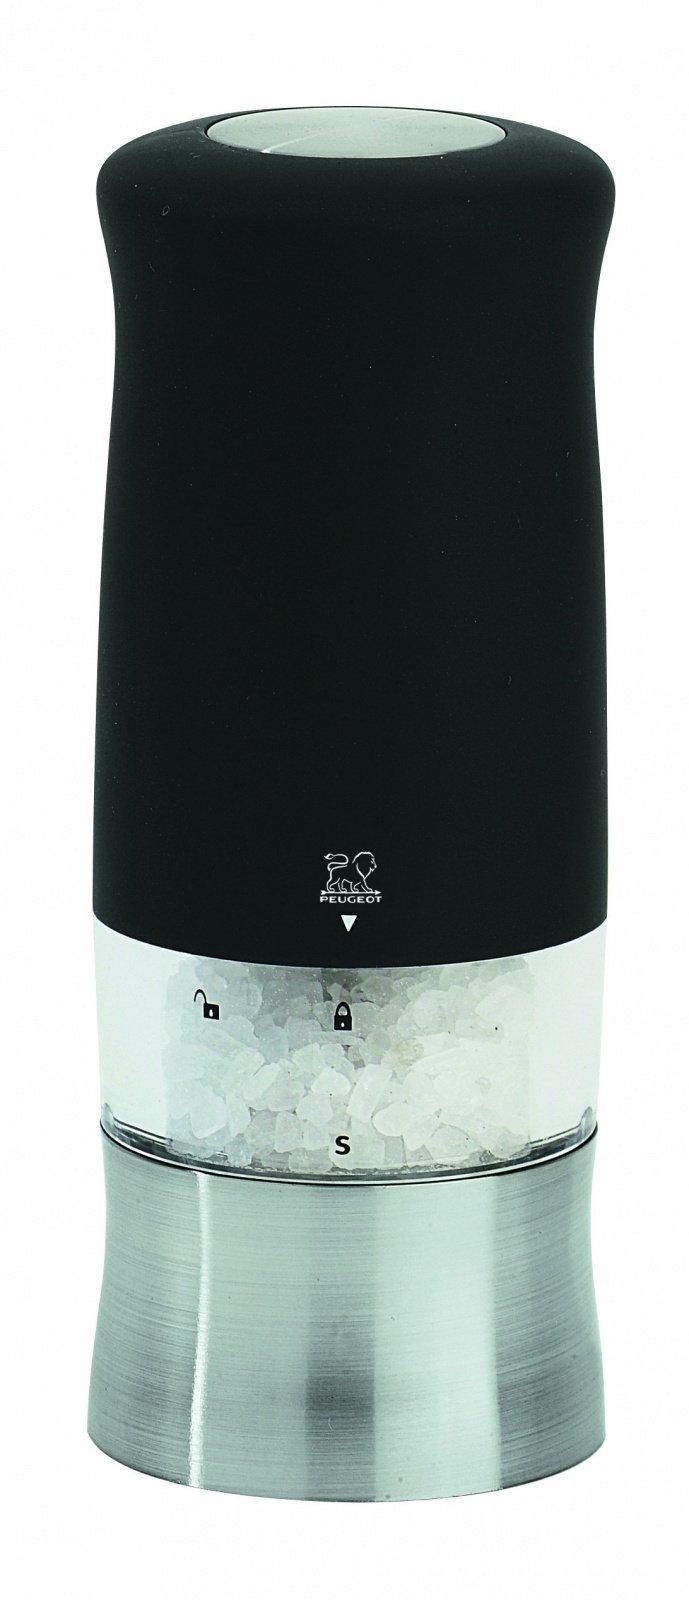 Мельница Peugeot Zphir для соли,14 см, софт тач чёрный, на батарейках 22570